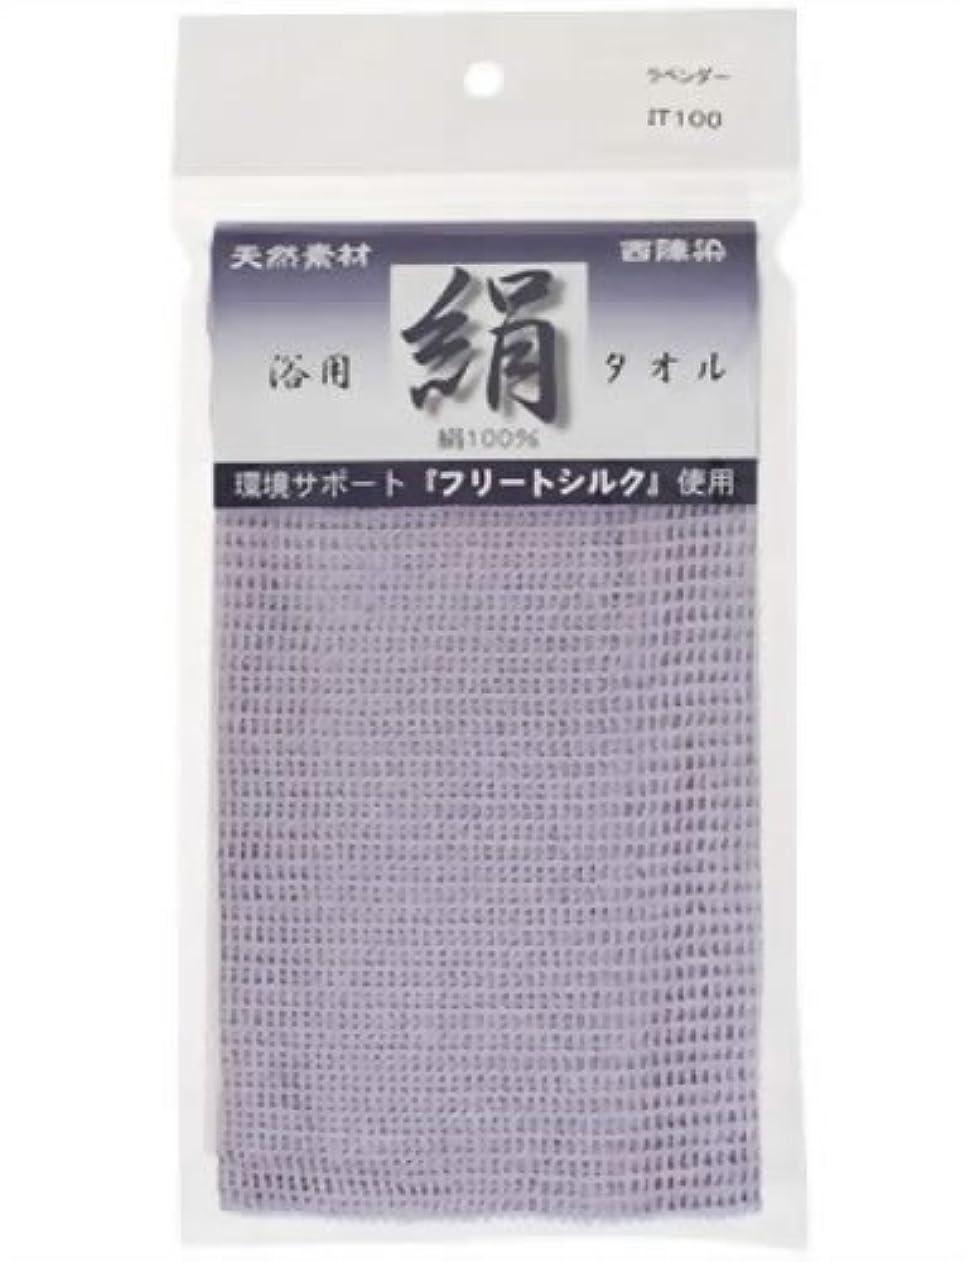 丈夫に変わるコーナー神戸生絲 シルクタオルラベンダー 1枚